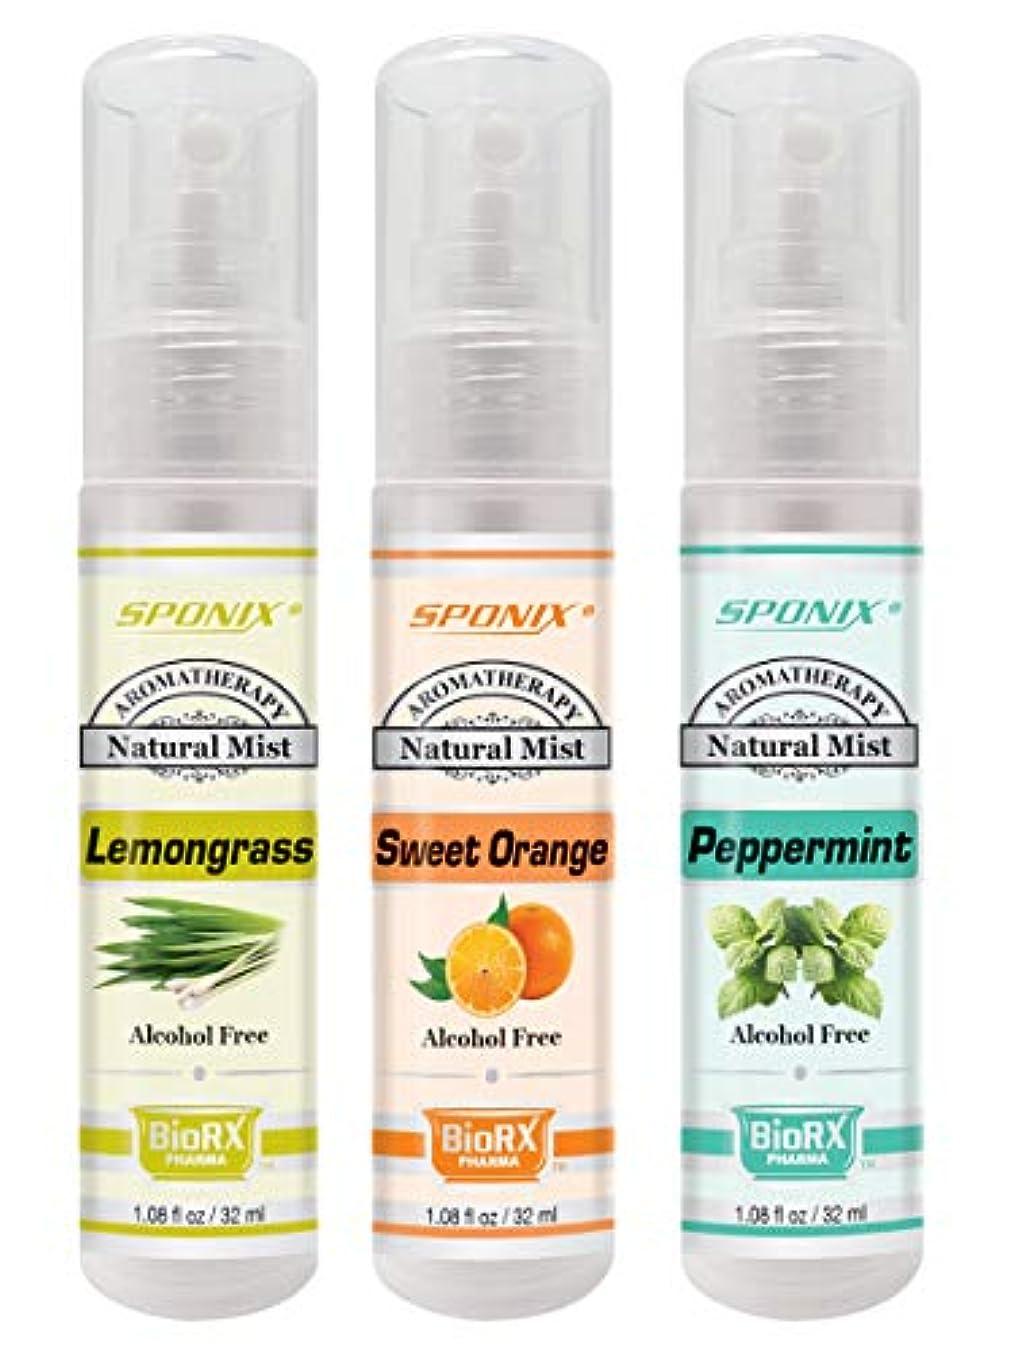 クラシカルセマフォ論理トップアロマテラピーミストセット - ベスト3香料入りミスト - レモングラス、ユーカリ、ペパーミント - アルコールフリー1ポンドスポンジ